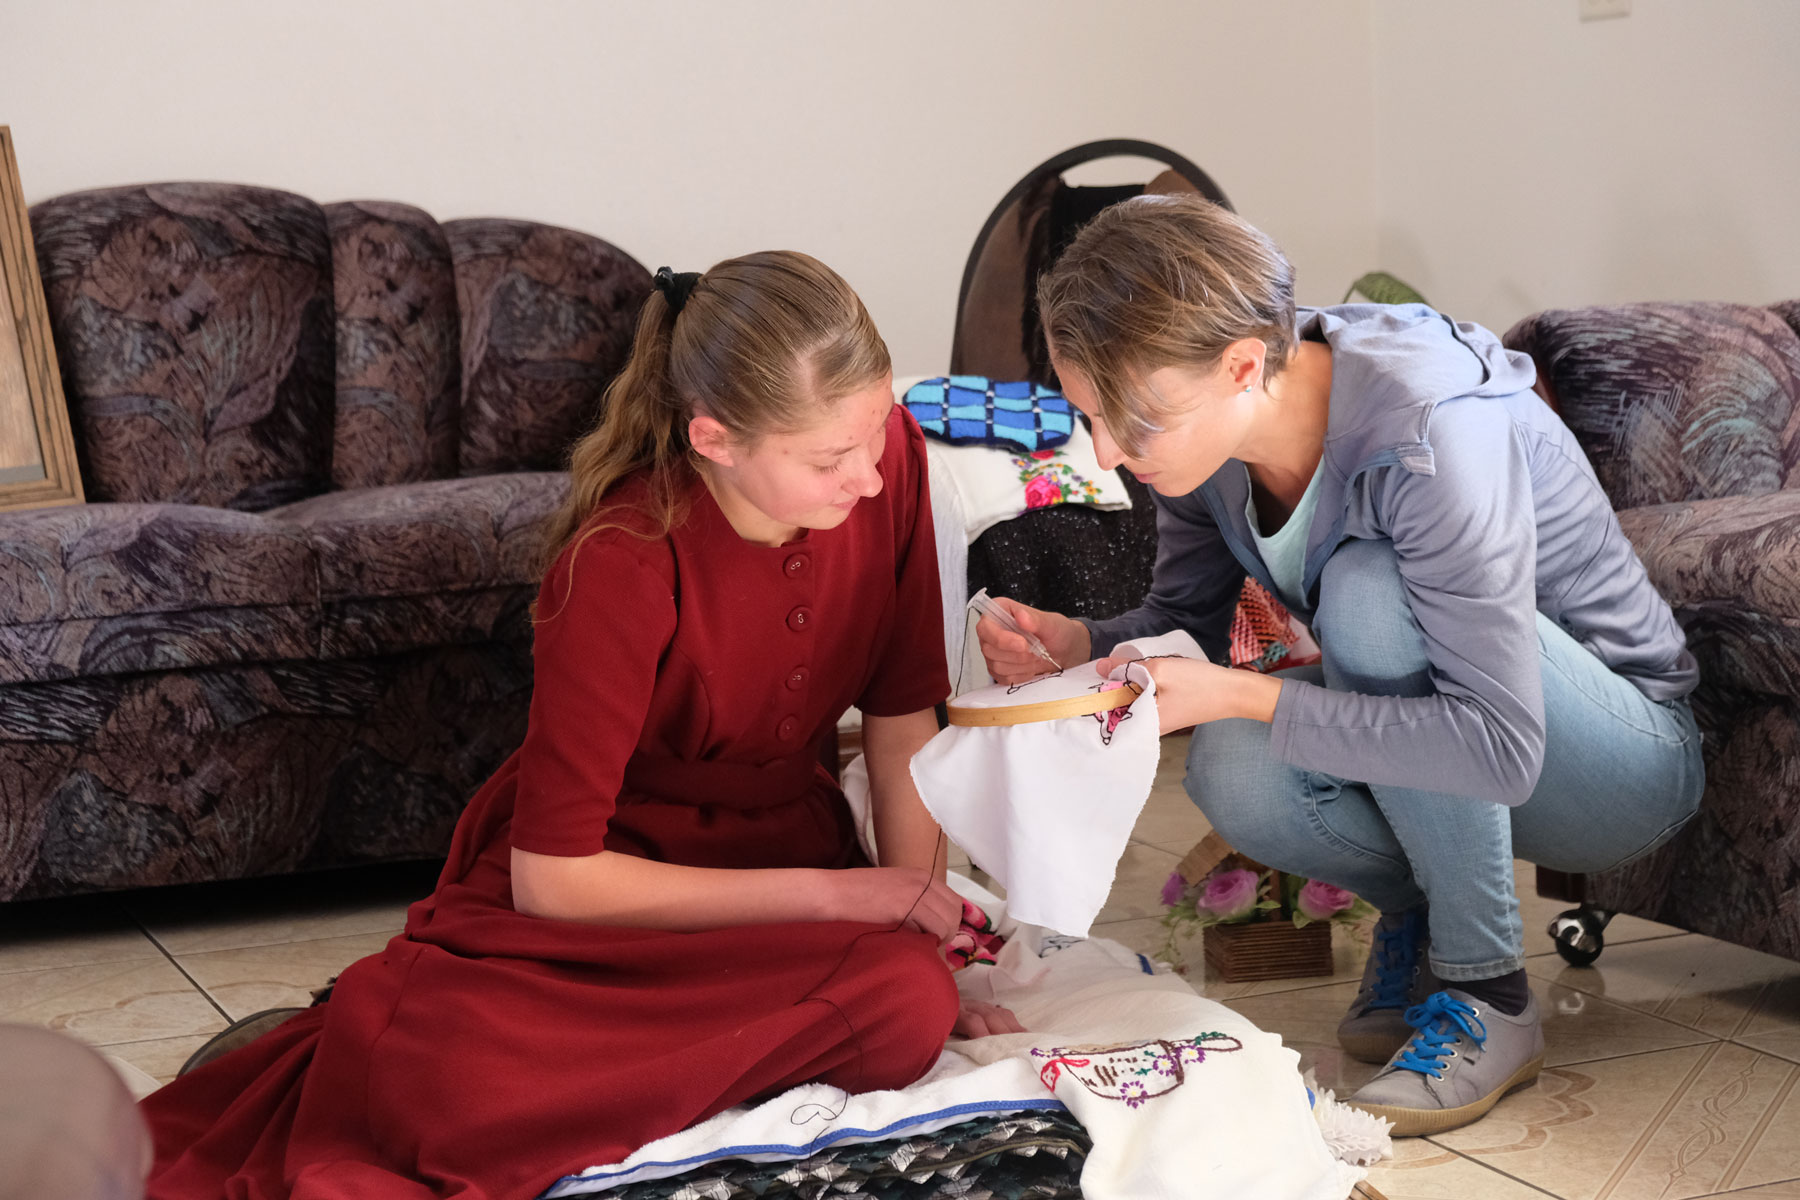 Leo bekommt von einem mennonitischen Mädchen Handarbeit gezeigt.